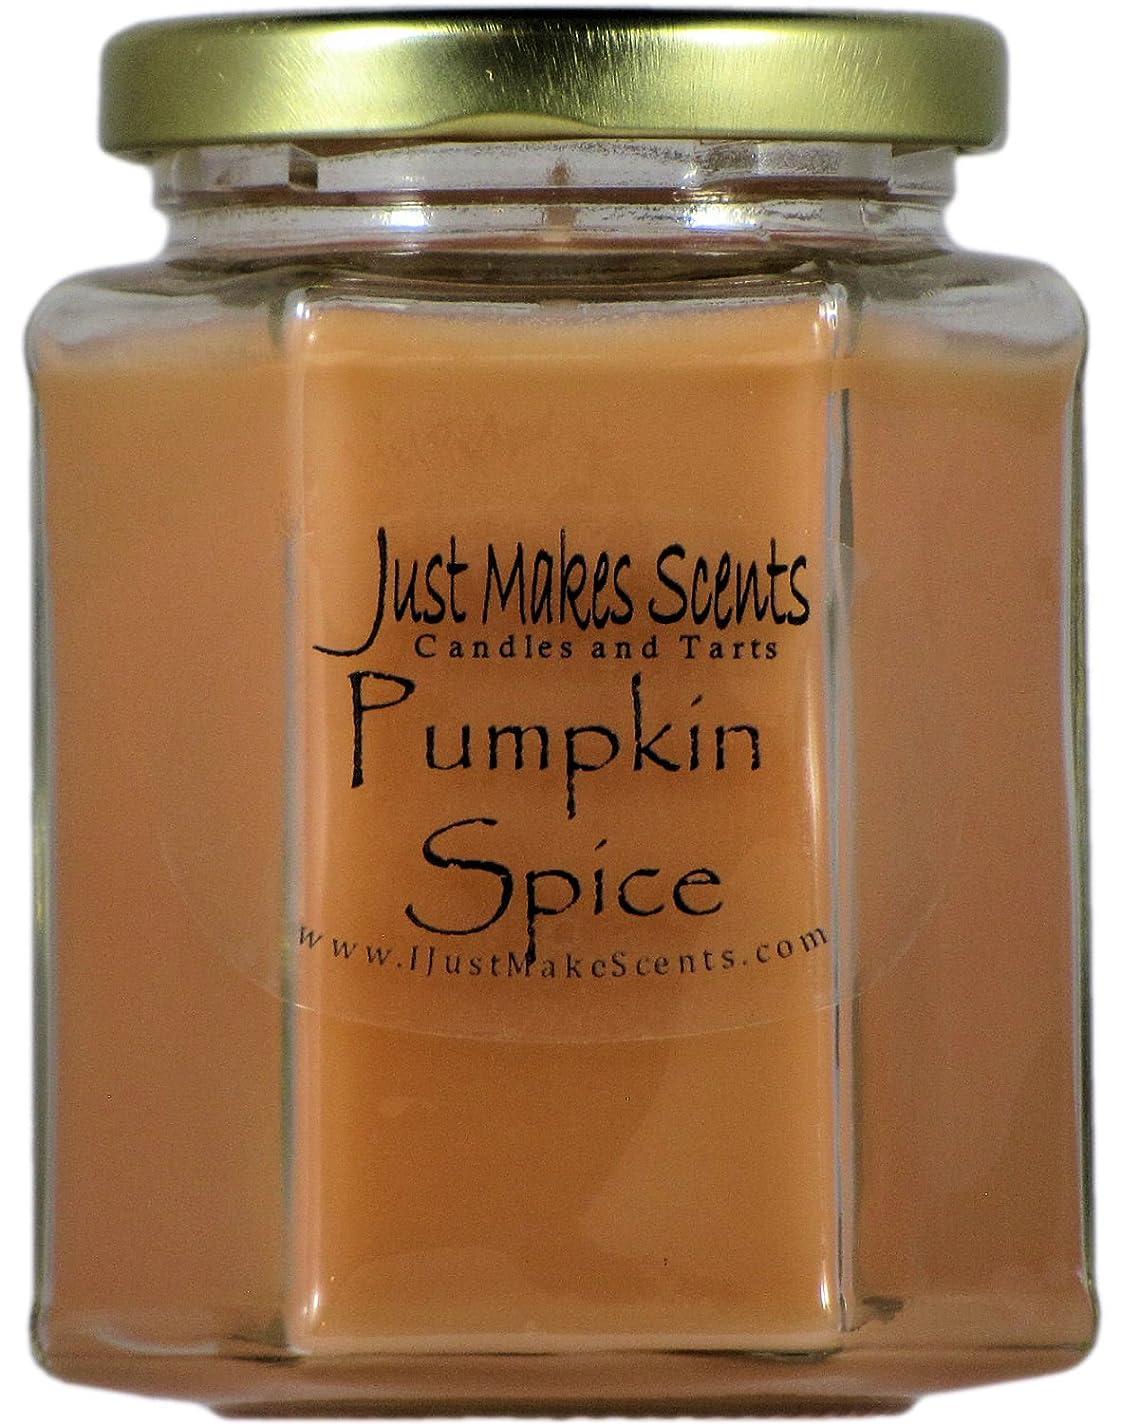 妖精サーマル委任Pumpkin Spice香りつきBlended Soy Candle | Great Smelling Fall Fragrance |手Poured in the USA by Just Makes Scents